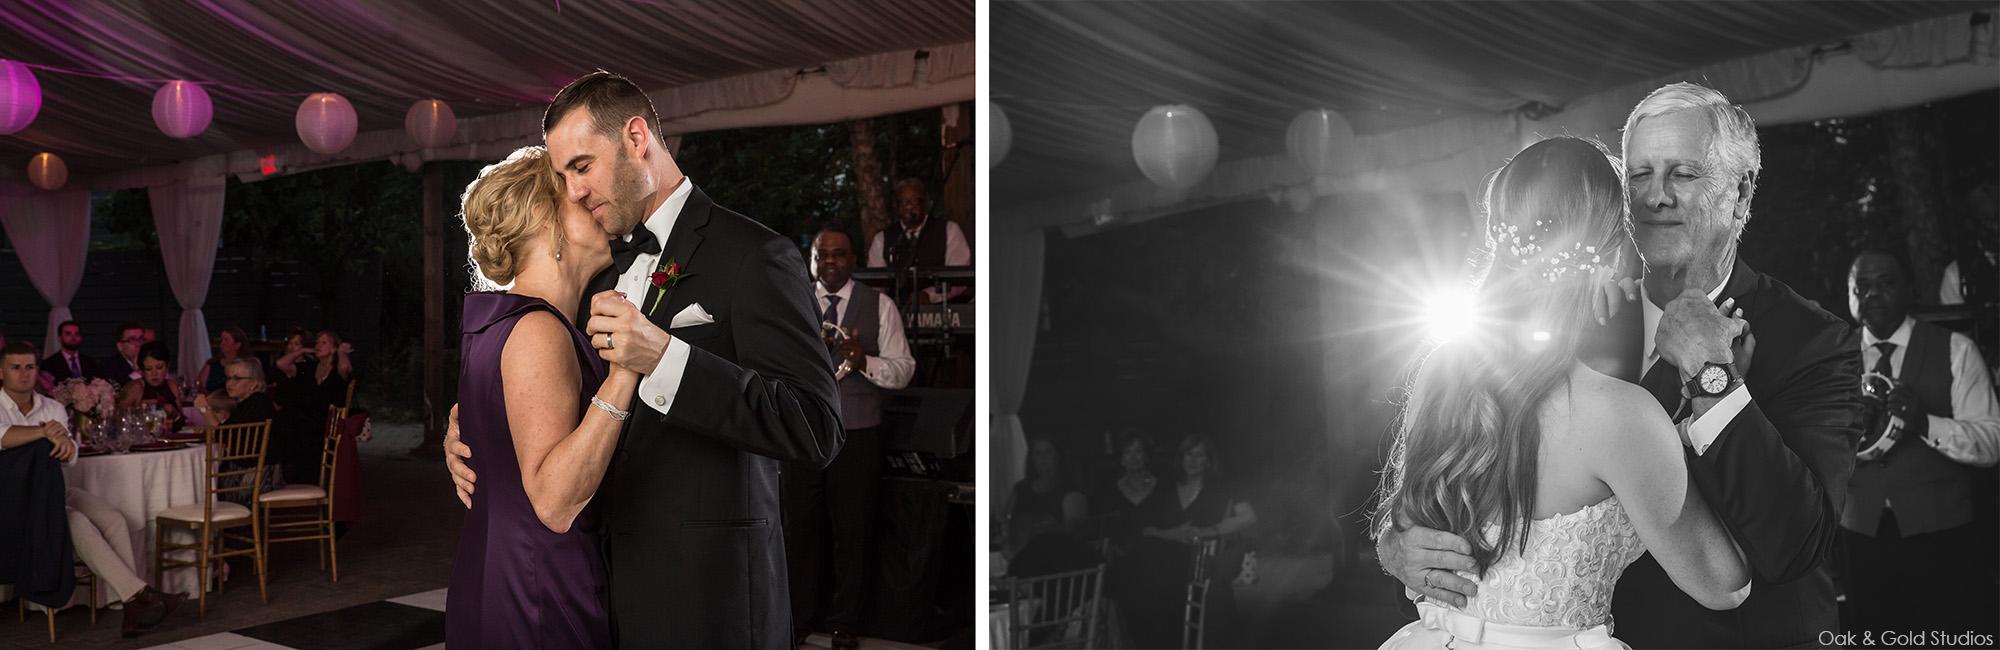 parentsdanceswedding.jpg